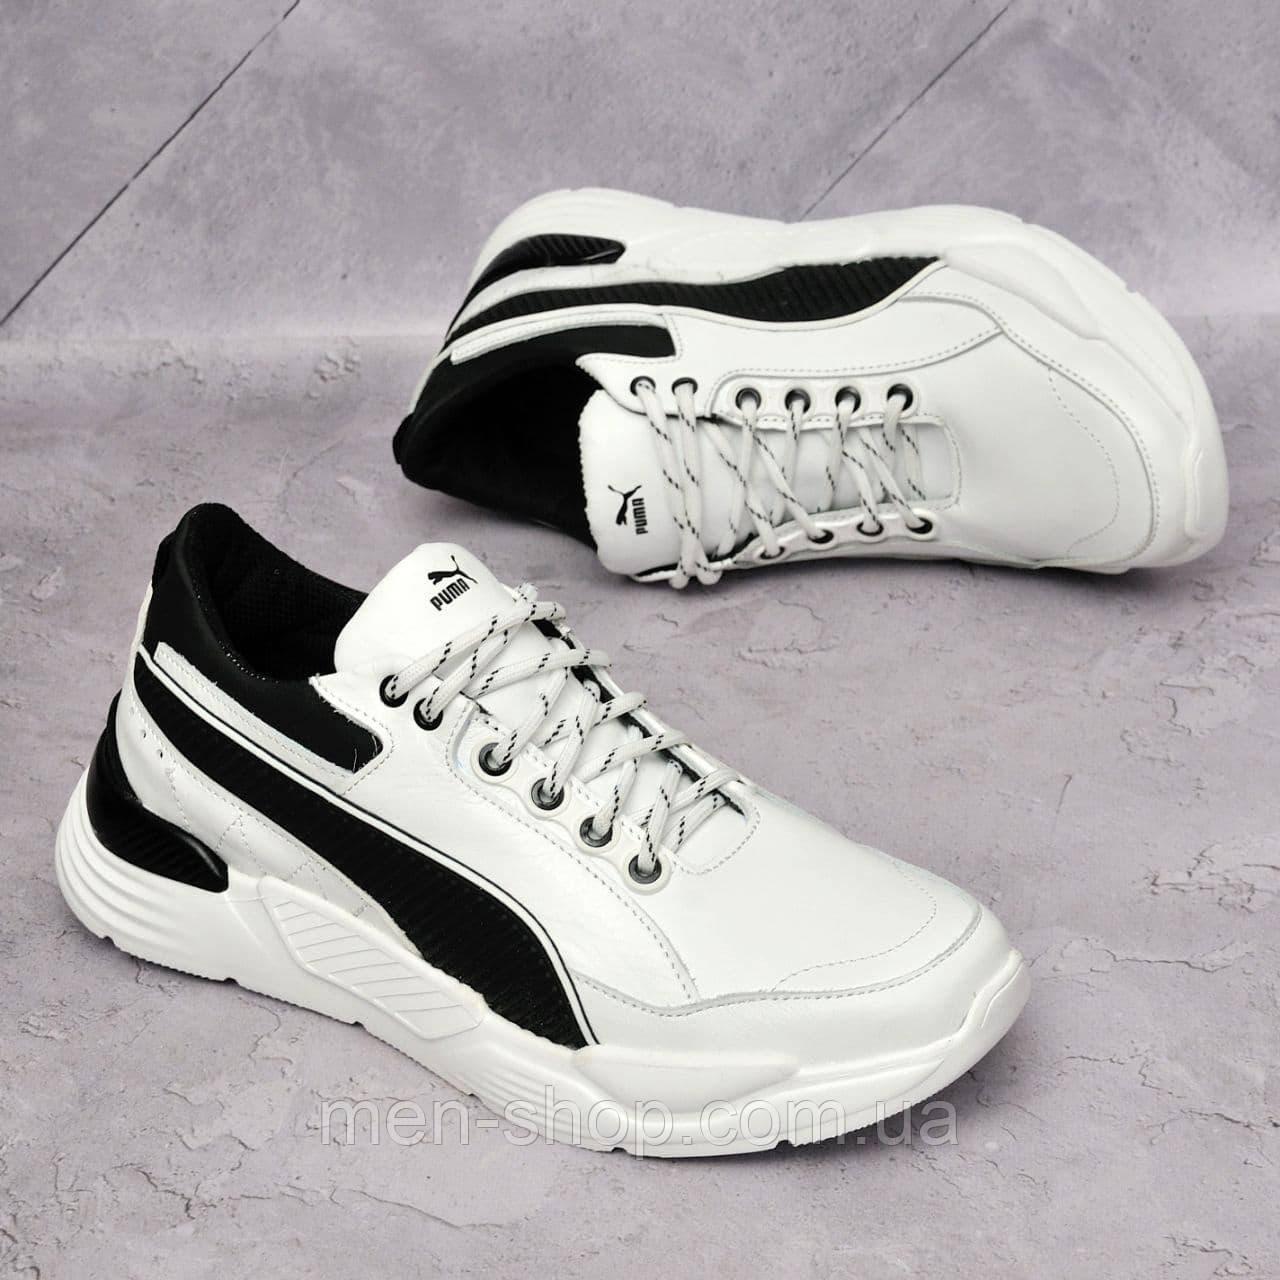 Чоловічі шкіряні кросівки Puma